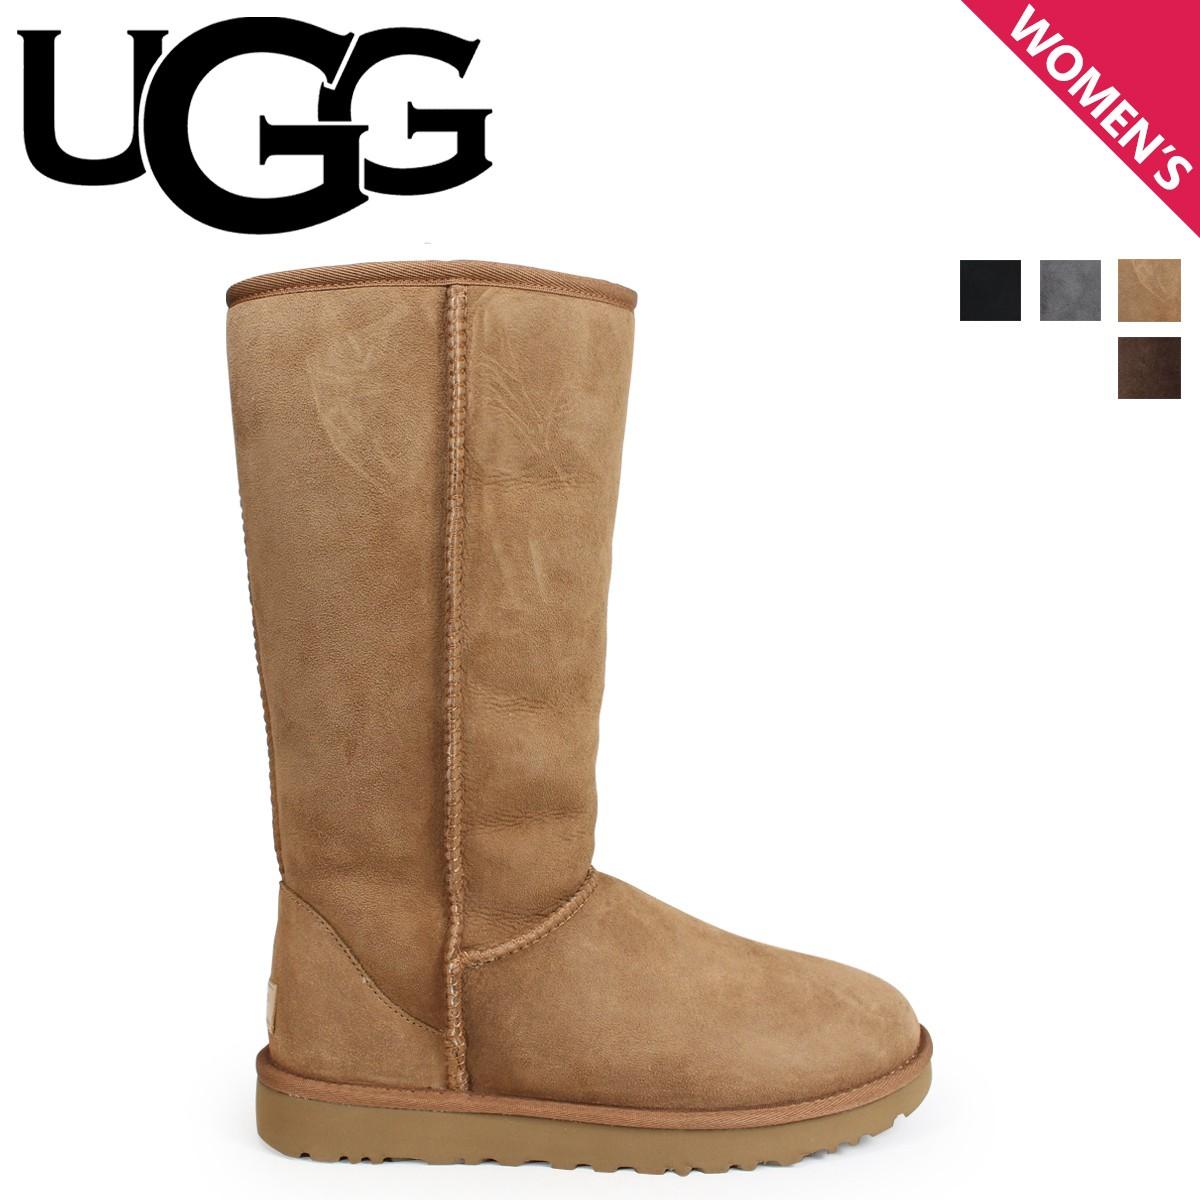 アグ UGG ムートン ブーツ クラシック トール CLASSIC TALL II BOOT 1016224 レディース [9/12 新入荷]